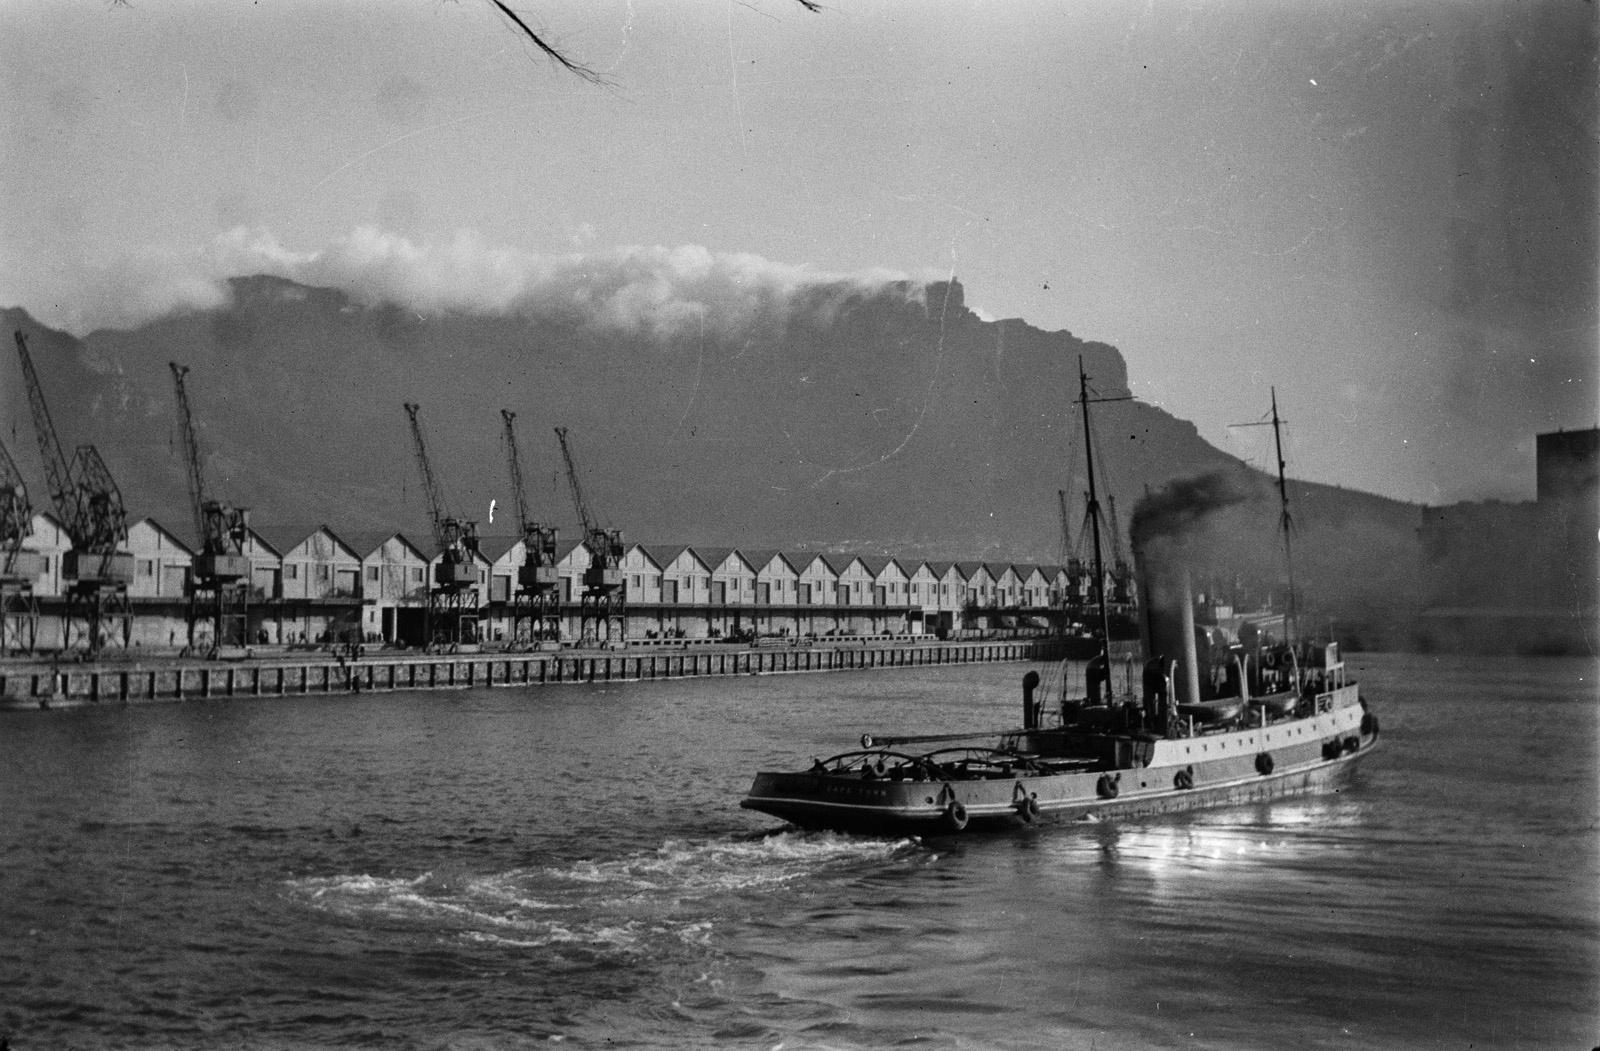 Кейптаун. Буксир в гавани Кейптауна. Слева - пристань. На заднем плане Столовая гора